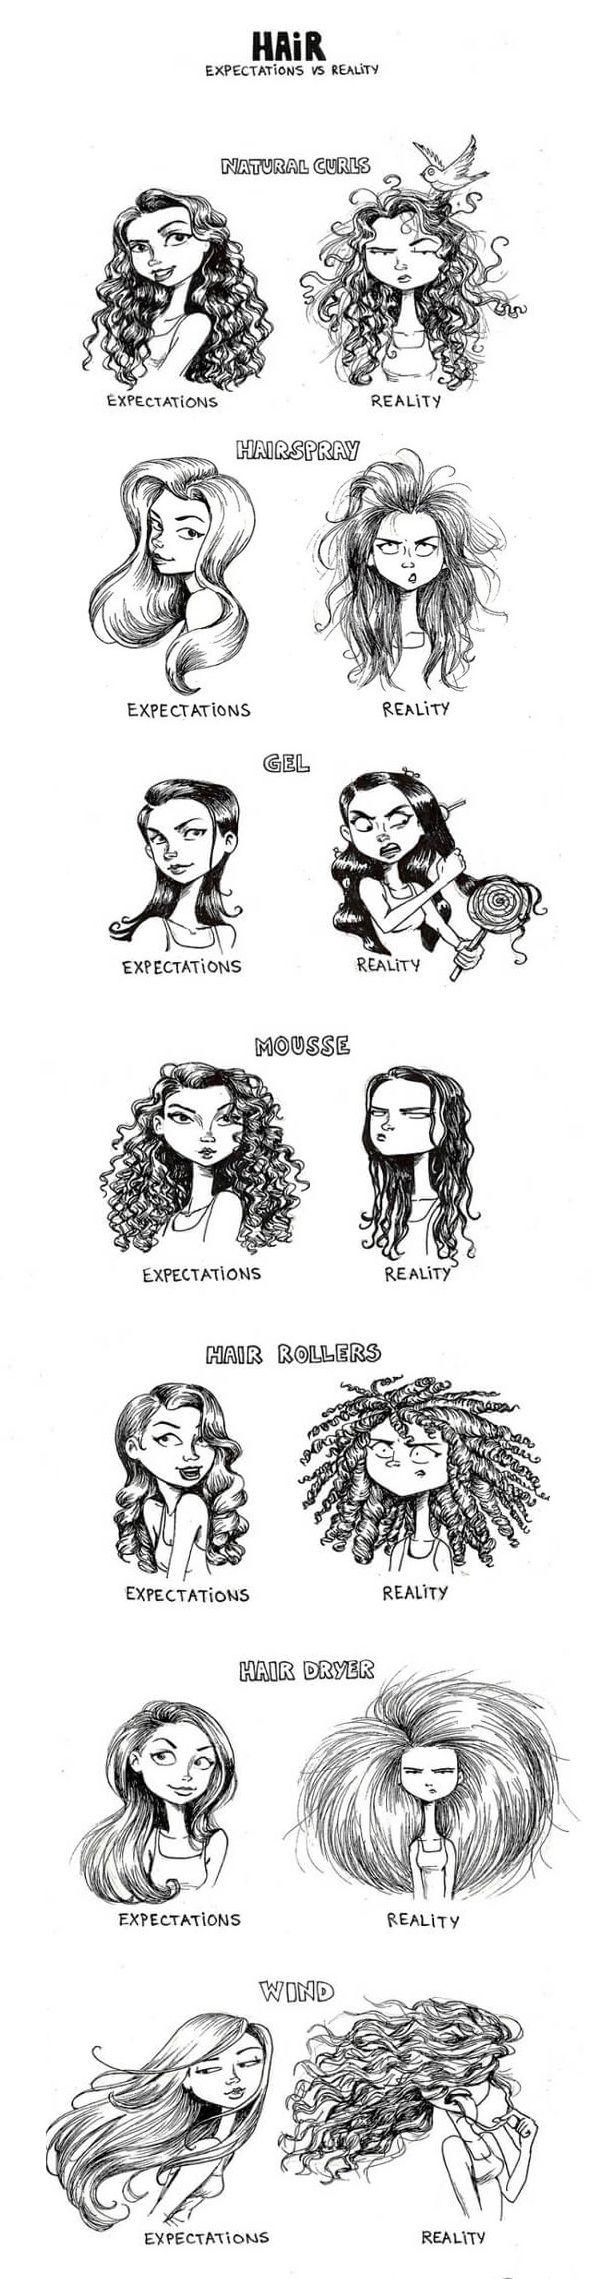 El pelo de la mujer: Expectacion VS realidad